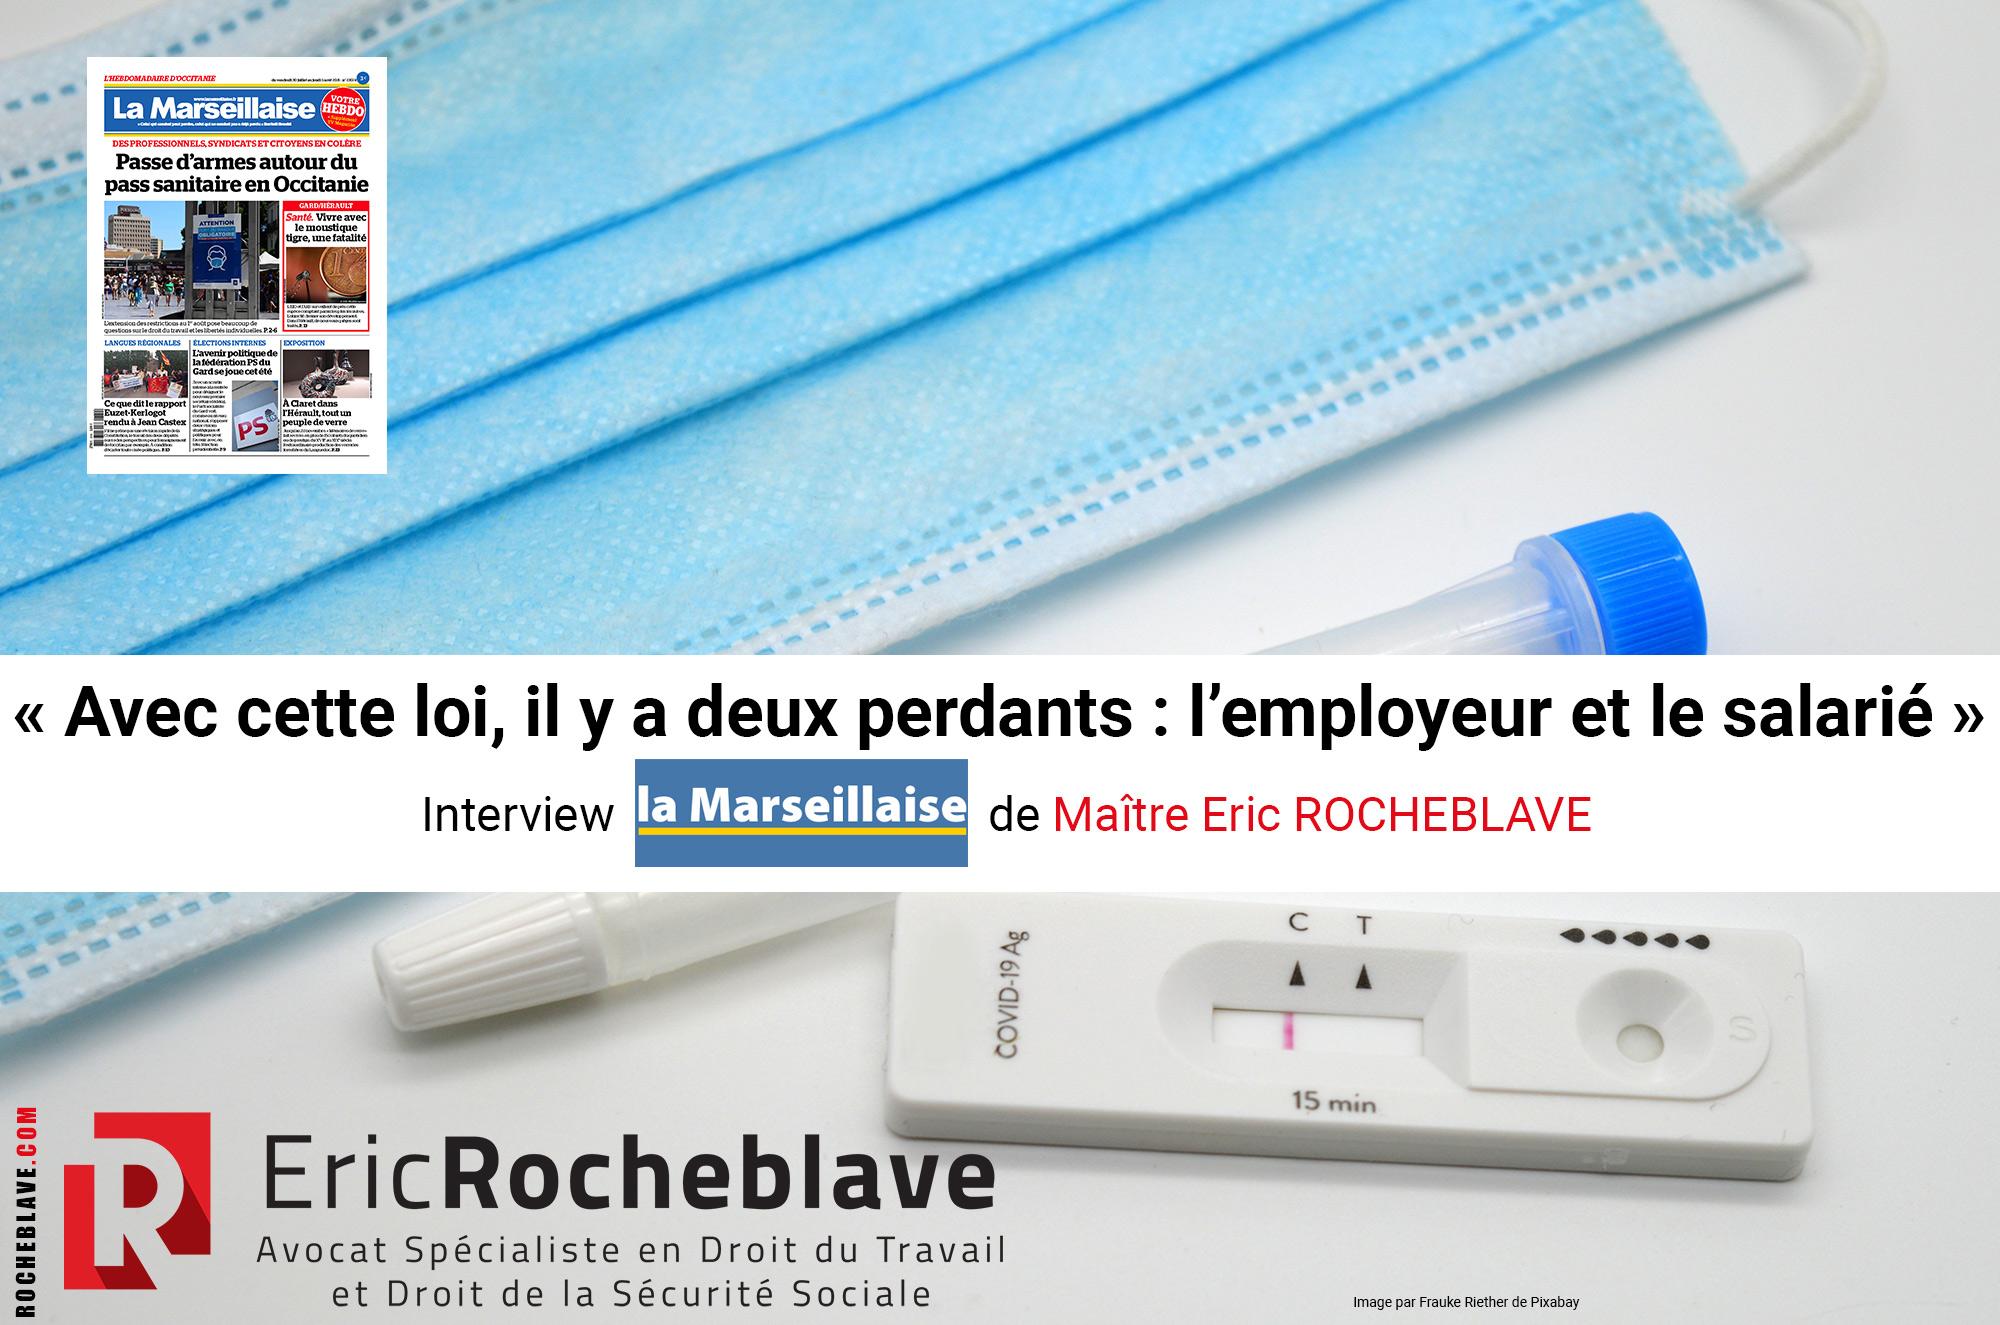 « Avec cette loi, il y a deux perdants : l'employeur et le salarié » Interview La Marseillaise de Maître Eric ROCHEBLAVE